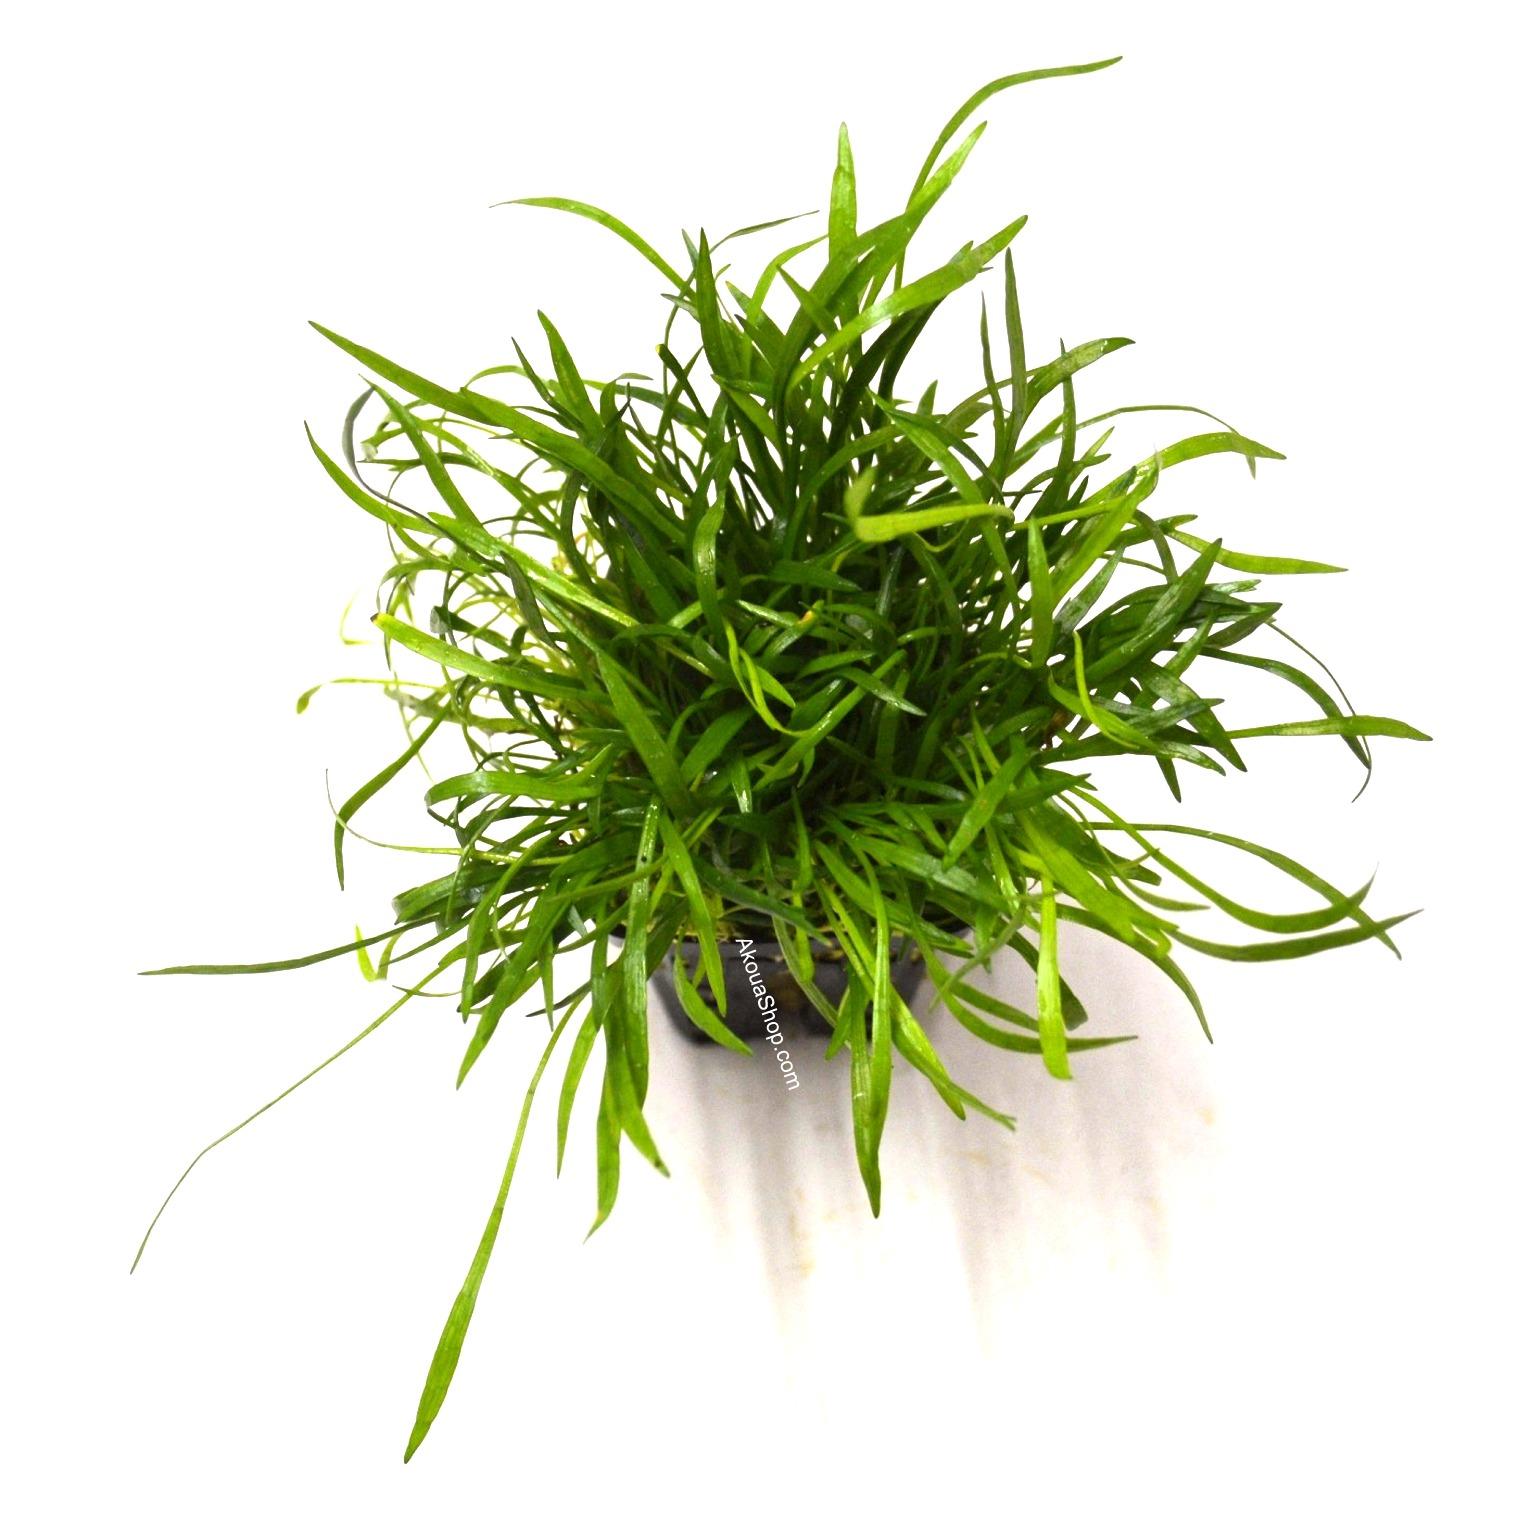 lilaeopsis novea zealandia plante d 39 aquarium en pot de diam tre 5cm plantes d 39 aquarium. Black Bedroom Furniture Sets. Home Design Ideas